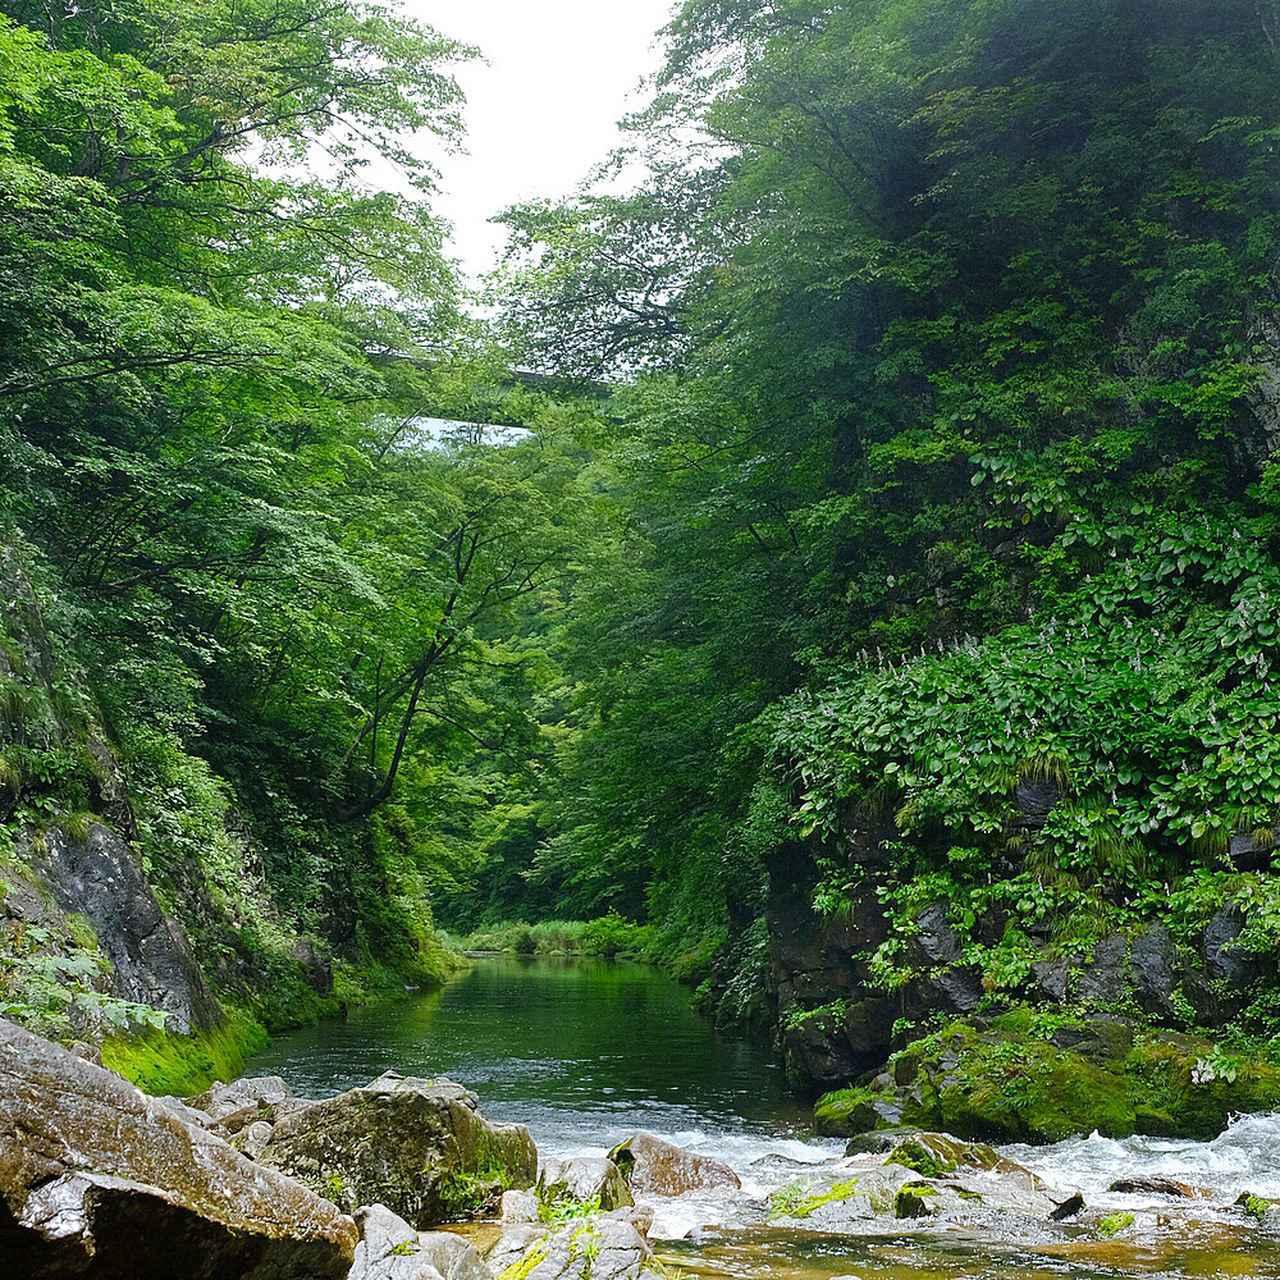 画像: 水に緑が映るリフレクションも美しかったですが、秋はさらに優美に、華やかに燃えるのでしょうね。